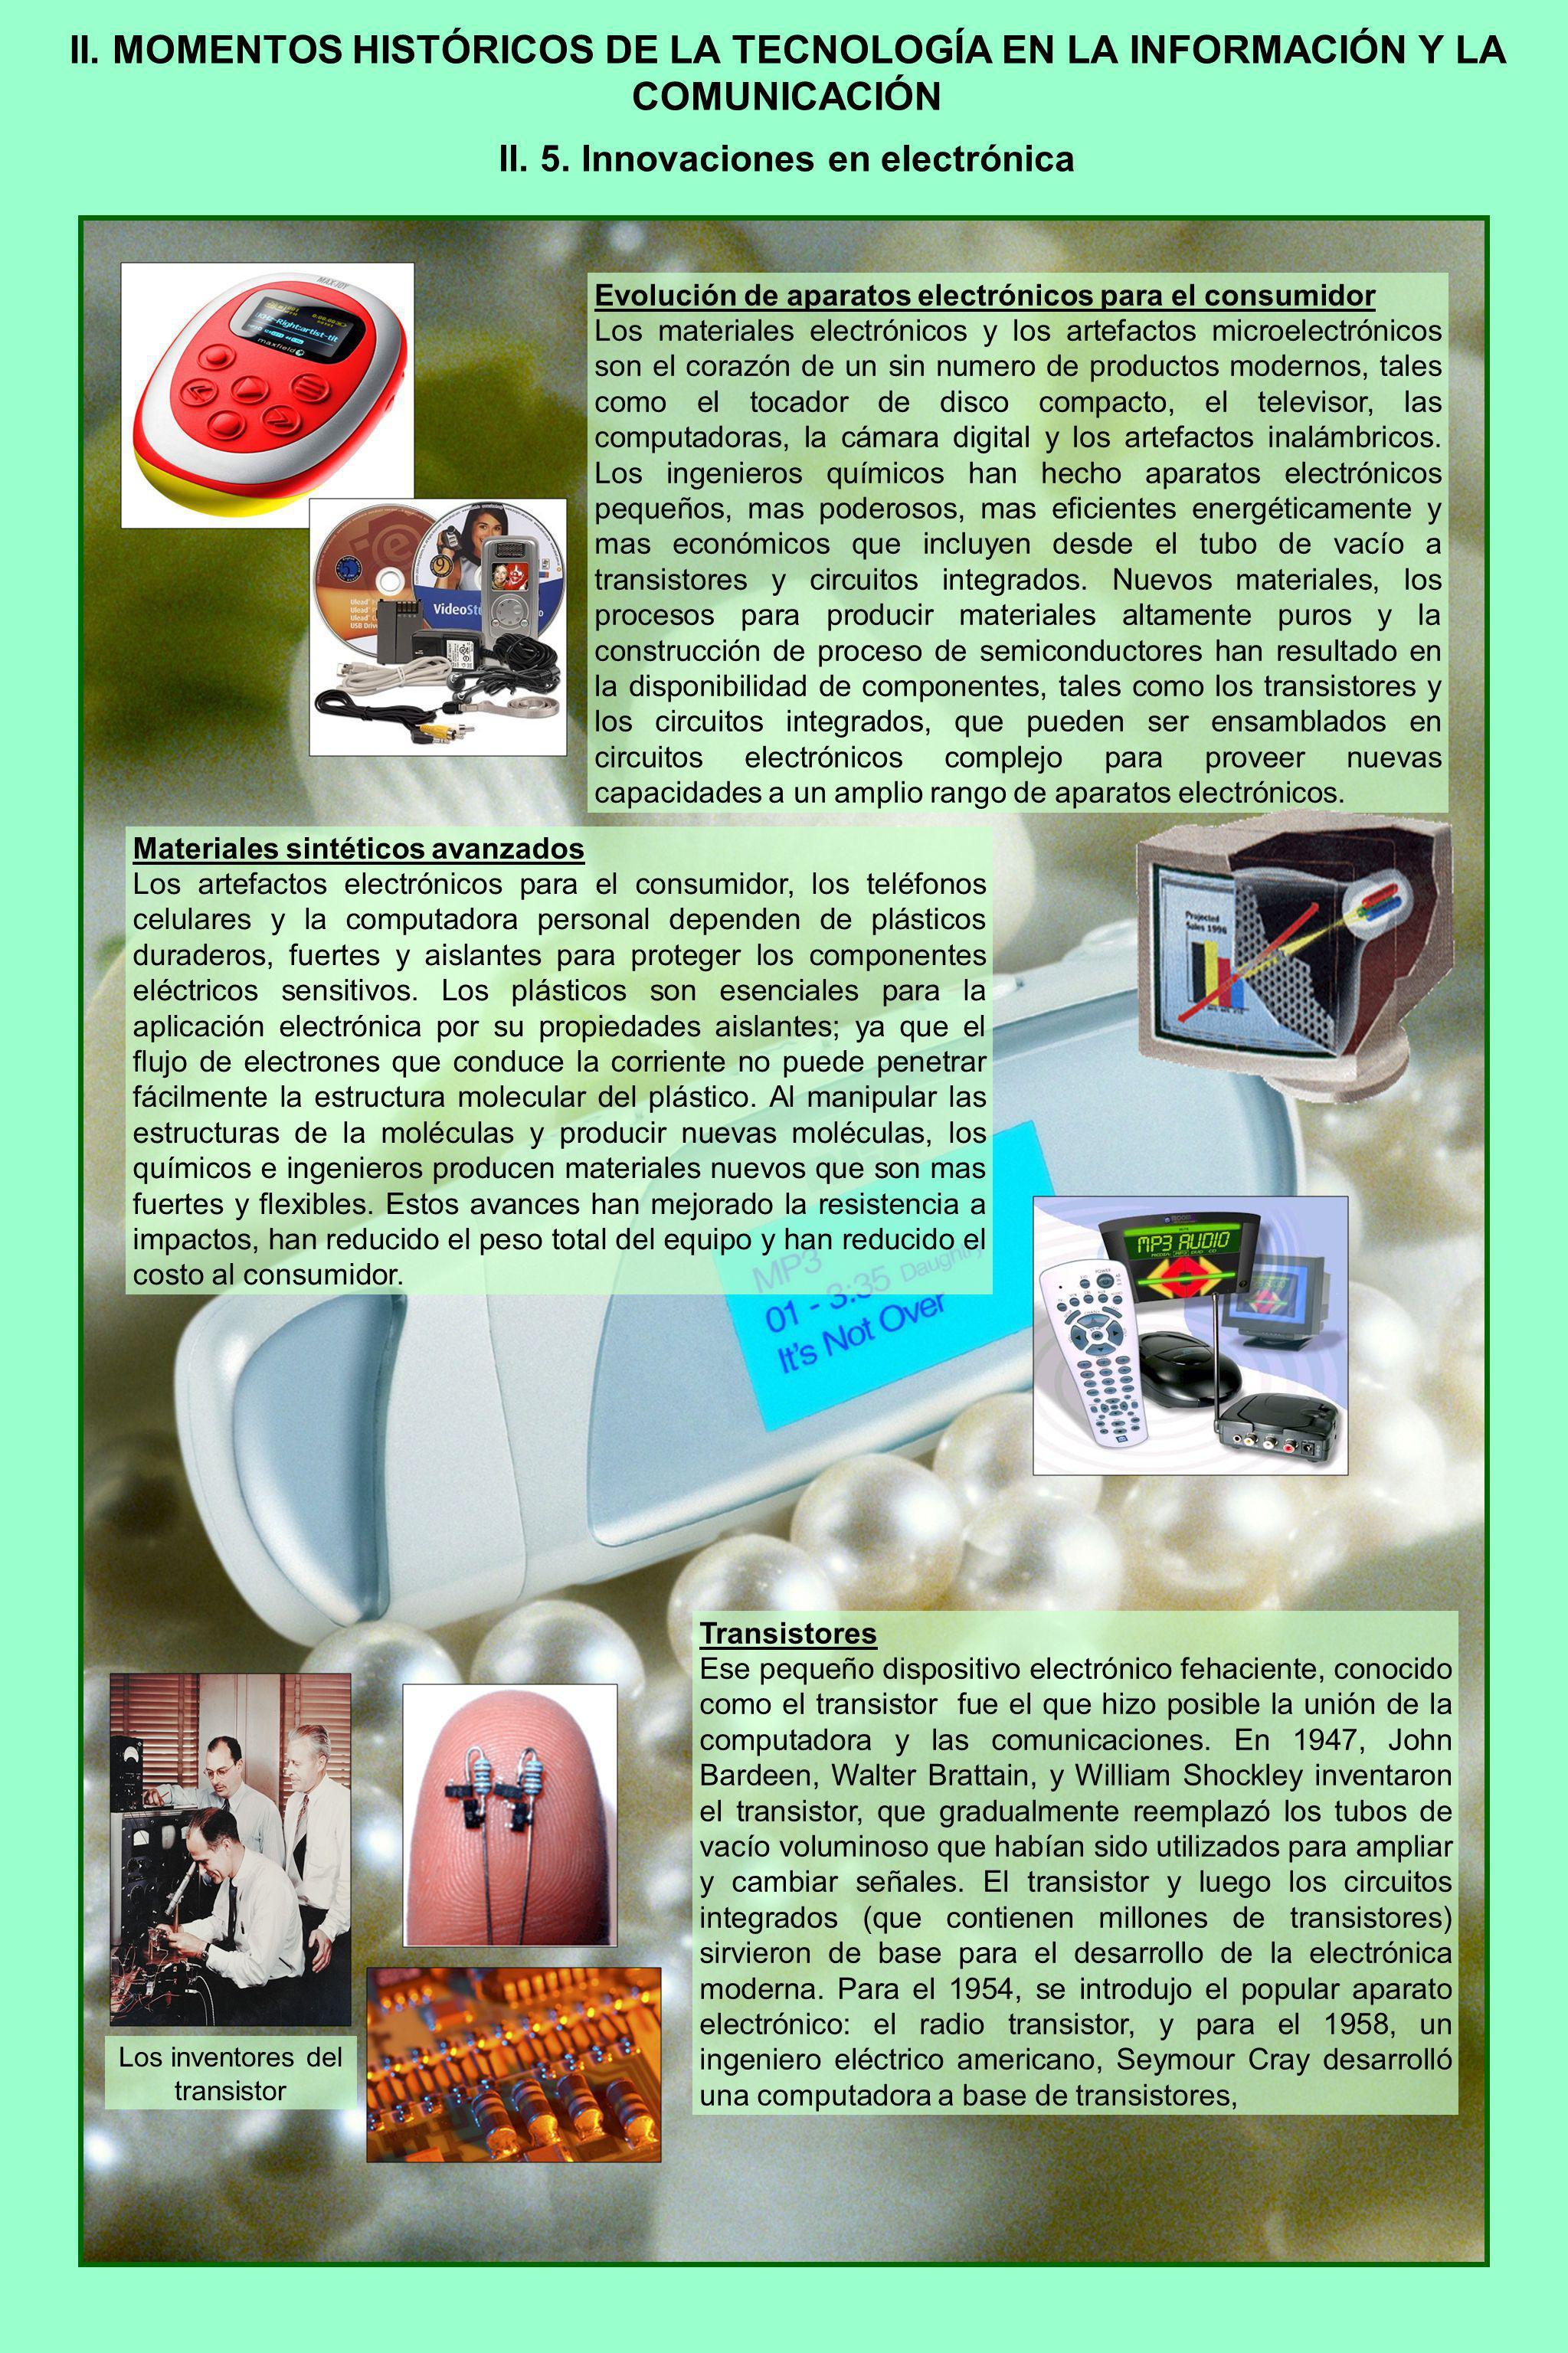 II. MOMENTOS HISTÓRICOS DE LA TECNOLOGÍA EN LA INFORMACIÓN Y LA COMUNICACIÓN II. 5. Innovaciones en electrónica Evolución de aparatos electrónicos par